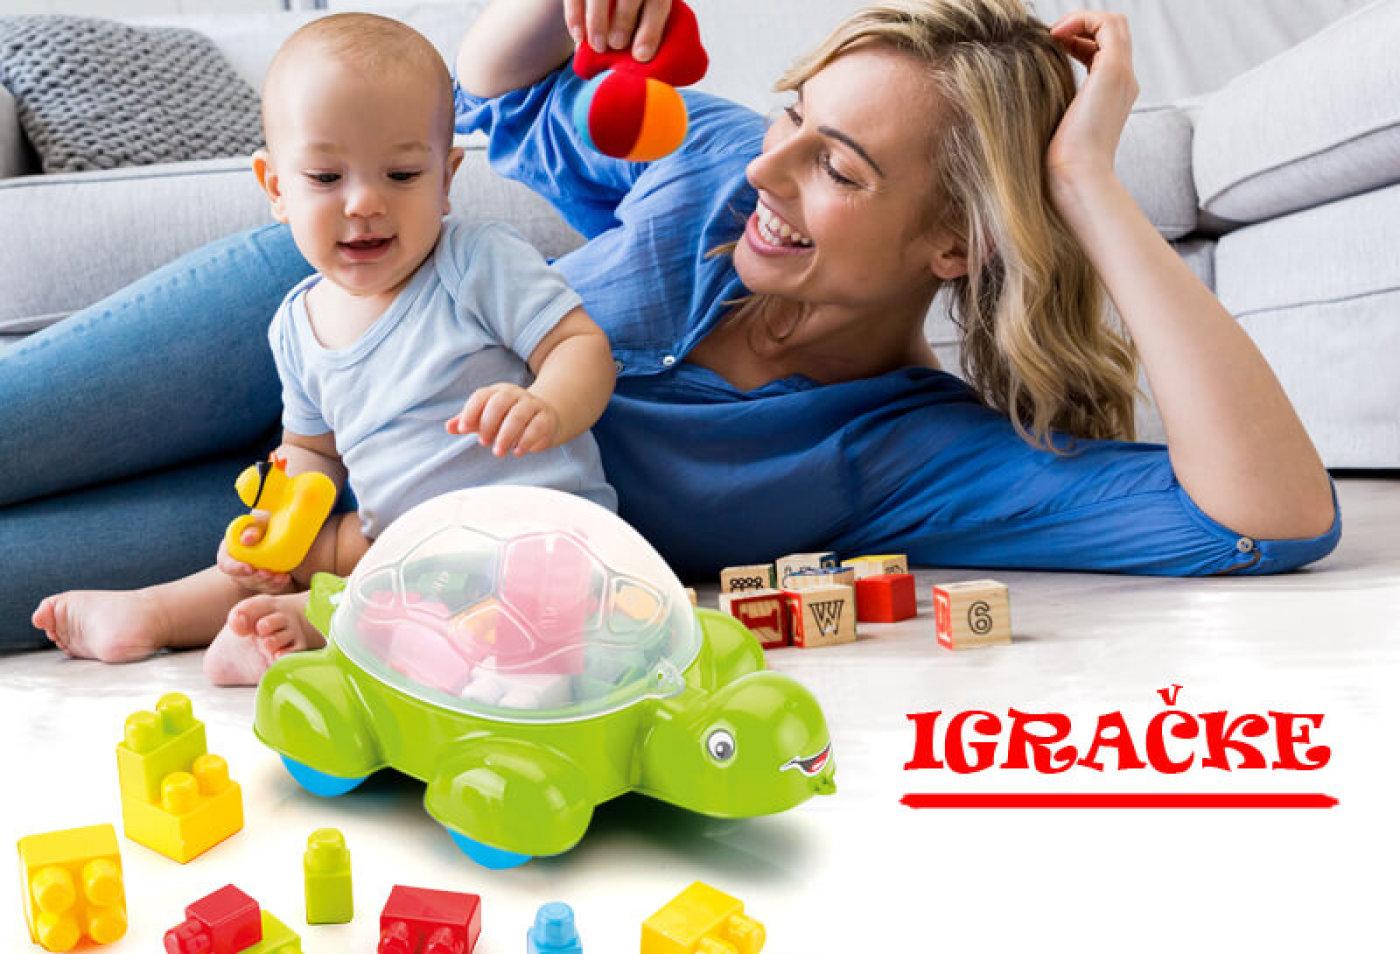 Igračke za jednogodišnje dijete - savjeti za odabir